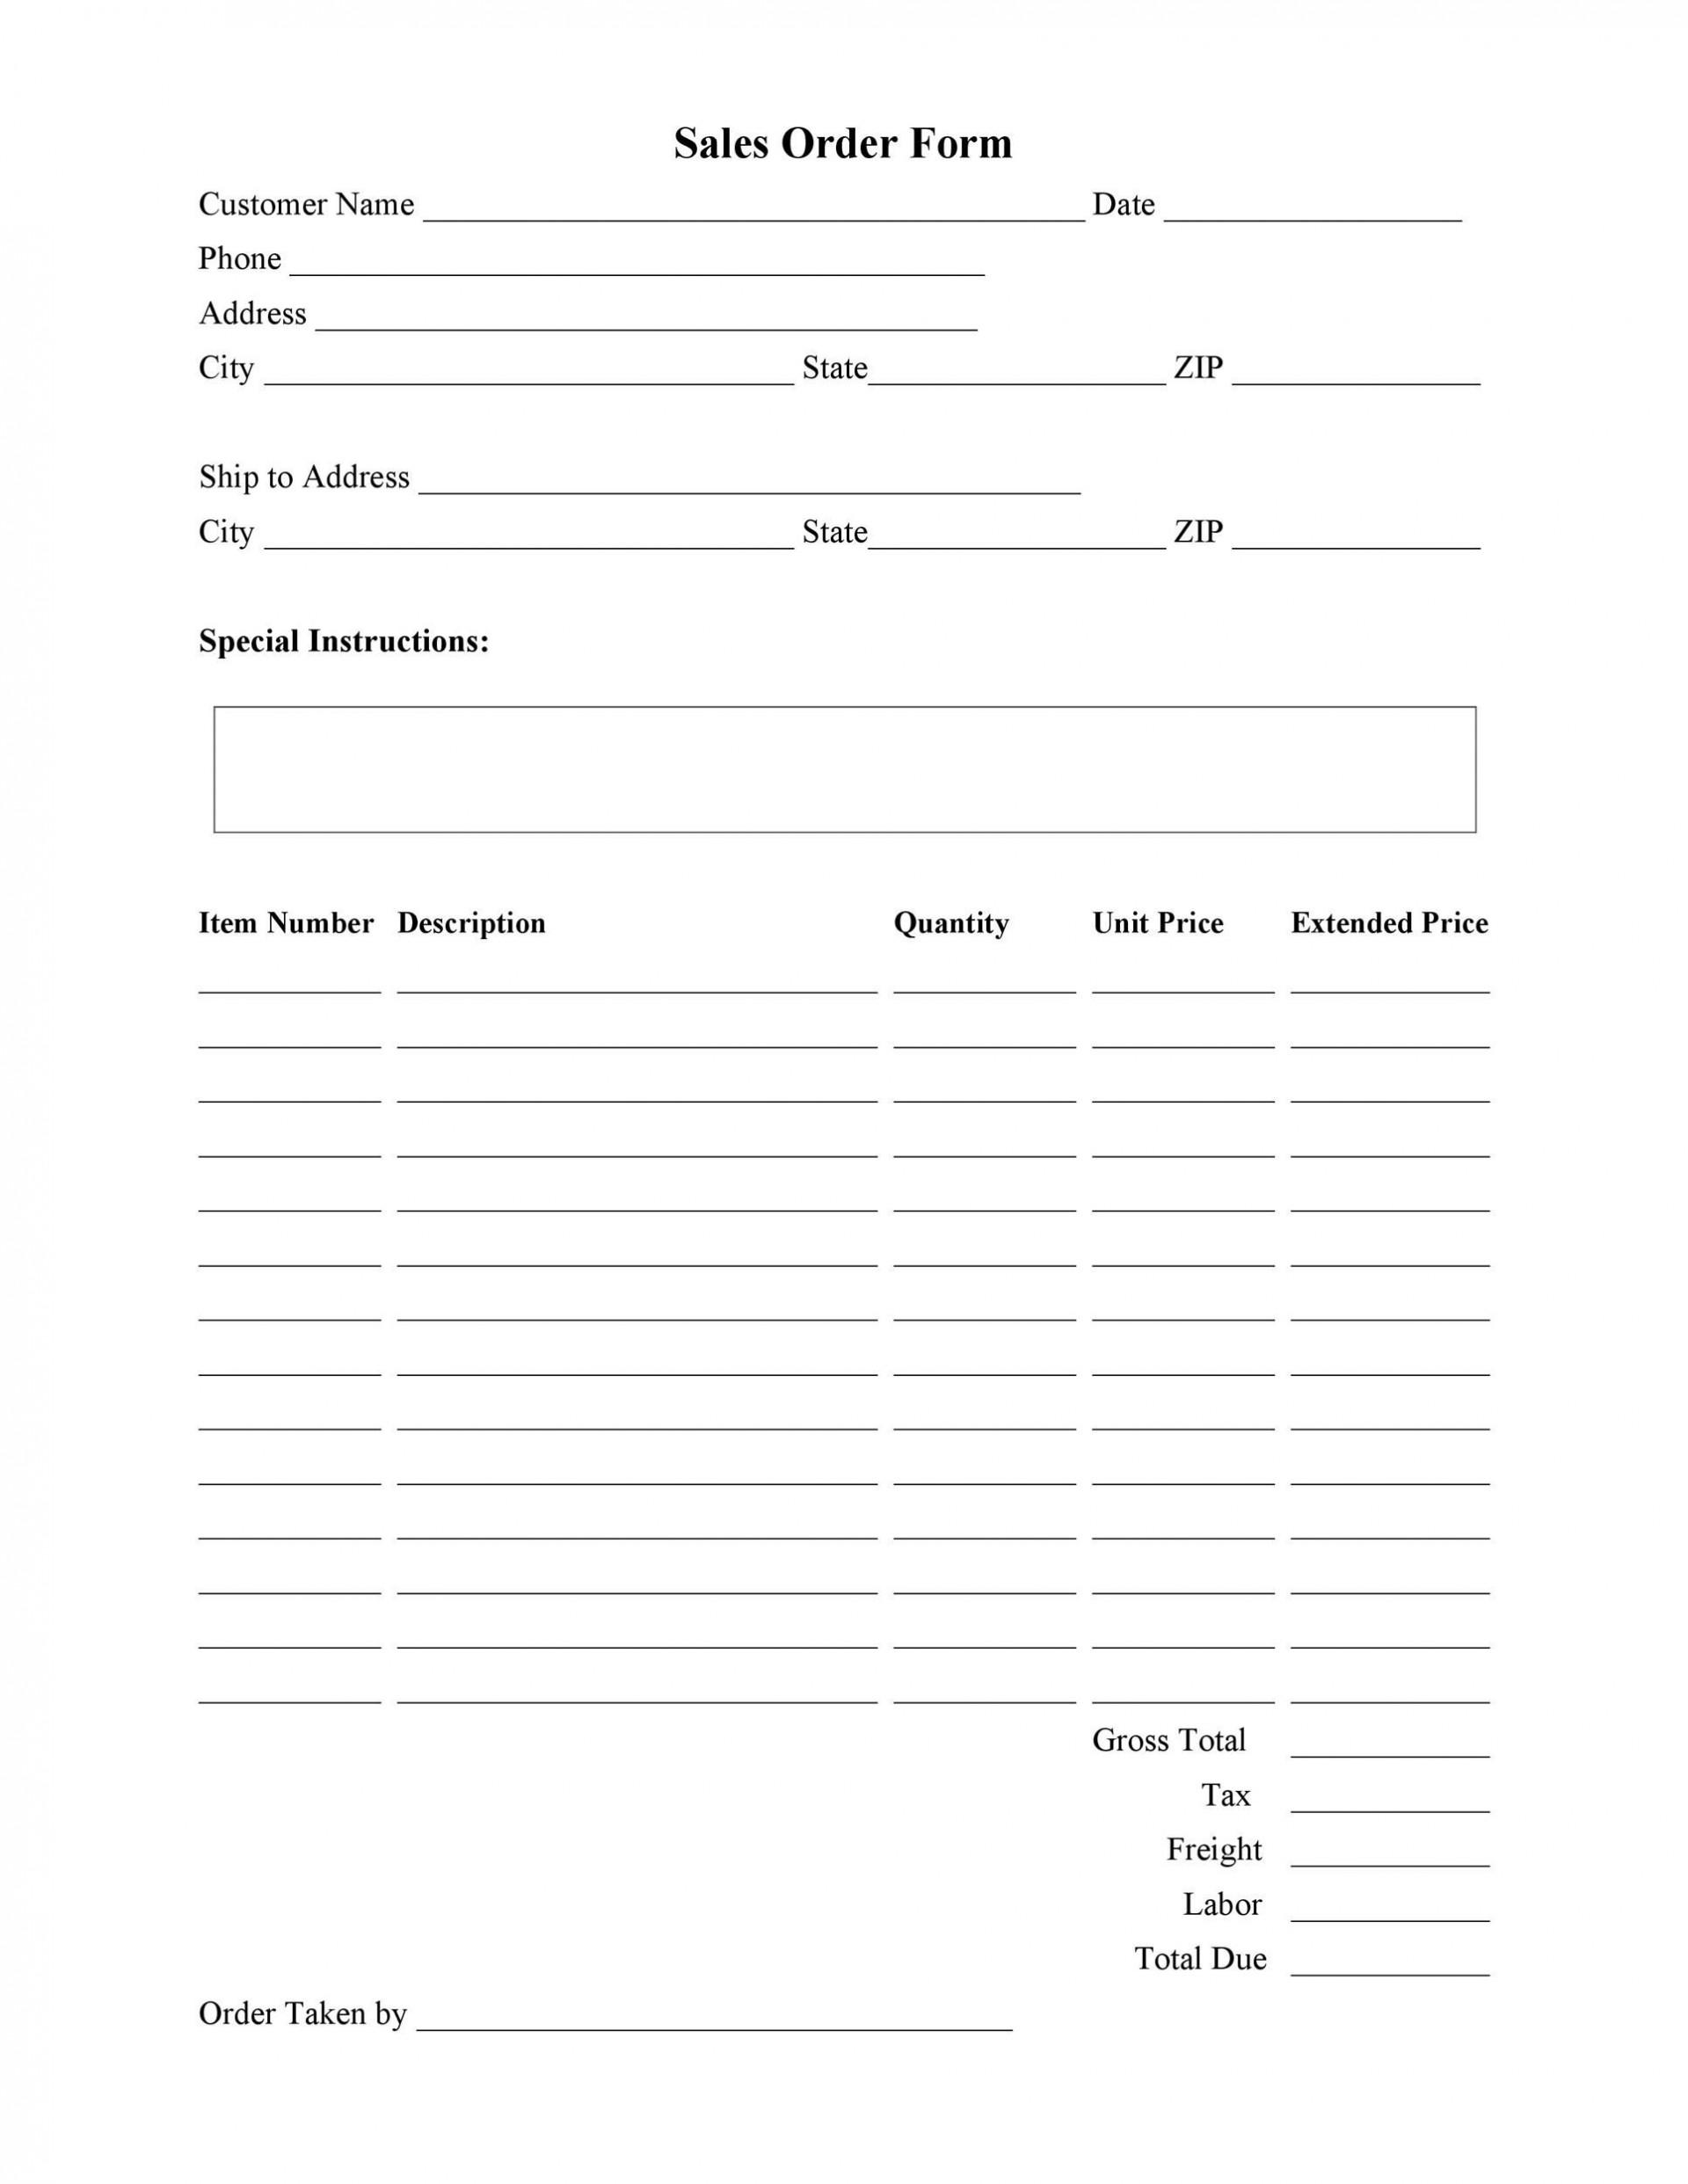 009 Unique Free Order Form Template Picture  Sale Excel Pdf1920